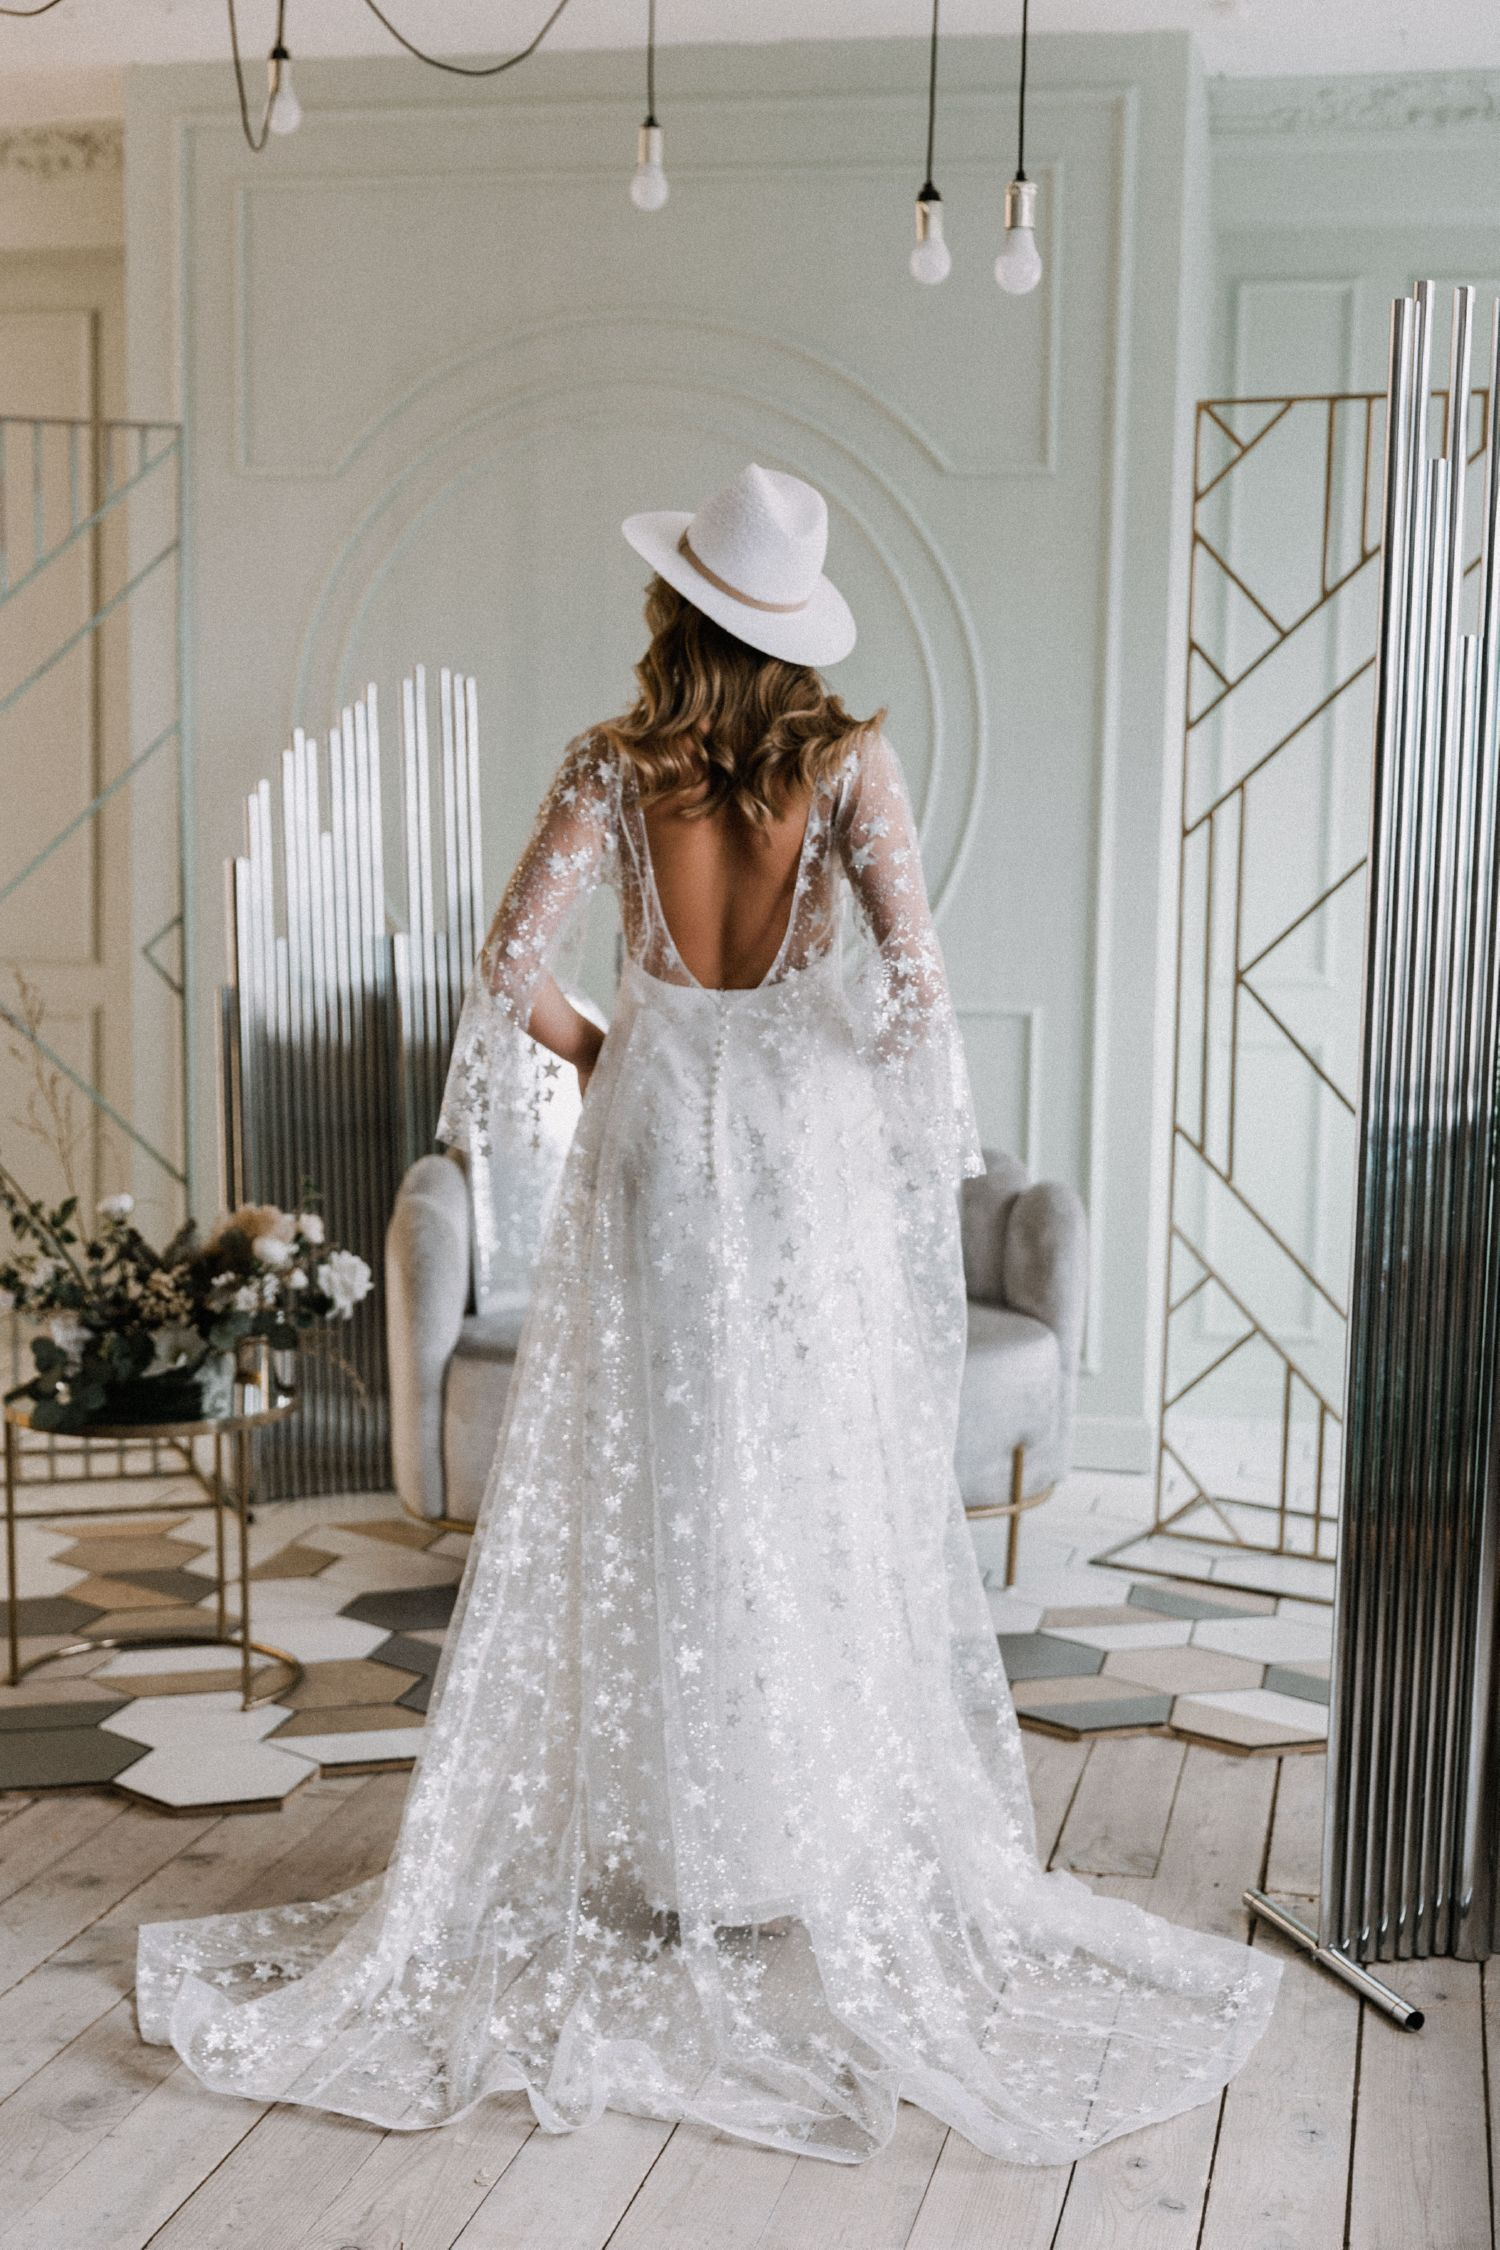 Bohemian Wedding Gown By Dream Dress Mesh Bridal Dress Summer Reception Gown Light Star Dress Un Trendy Wedding Dresses Wedding Dresses Lace Bridal Dresses [ 2250 x 1500 Pixel ]